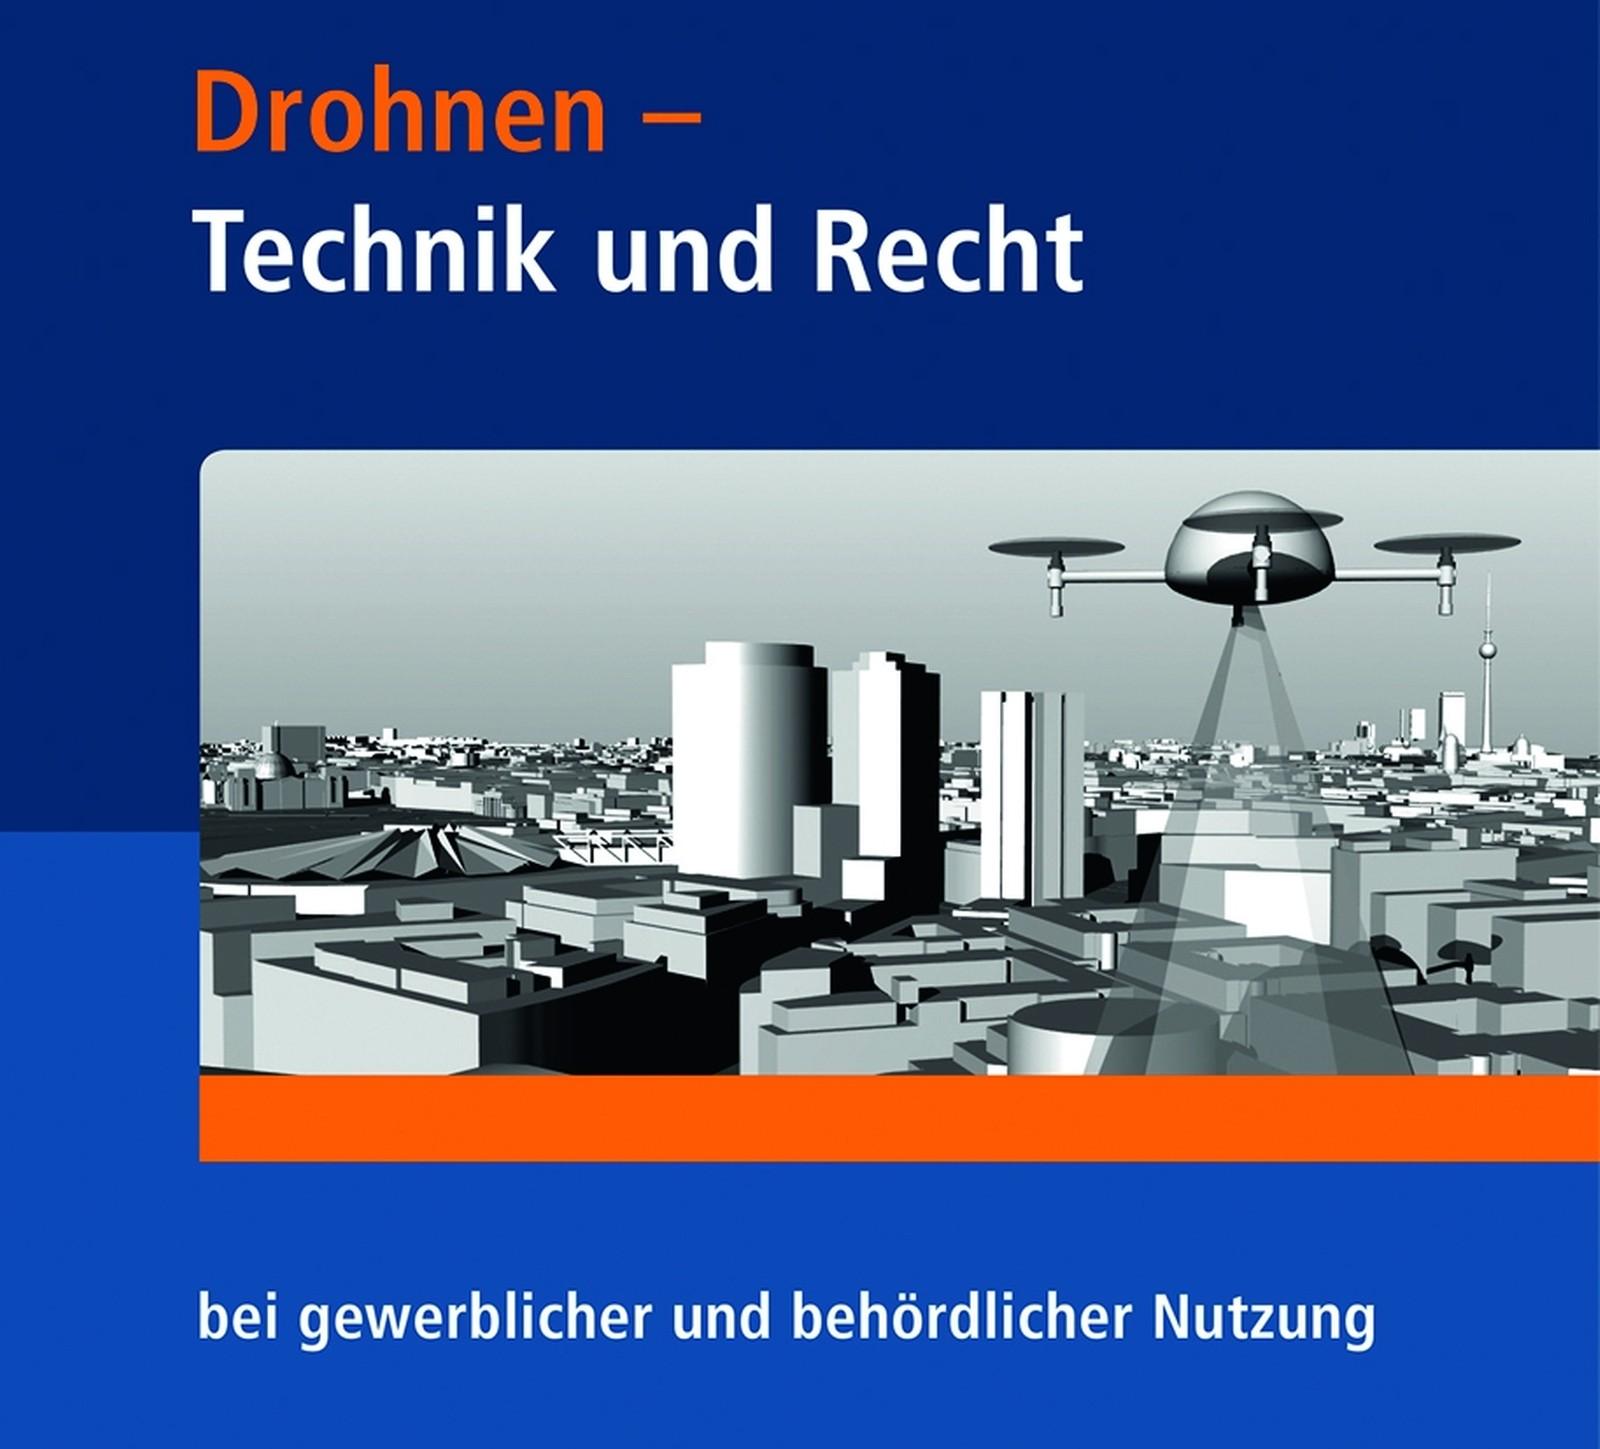 Ein erstes wissenschaftliches Werk zum Einsatz von Drohnen ist im Fraunhofer IRB Verlag erschienen